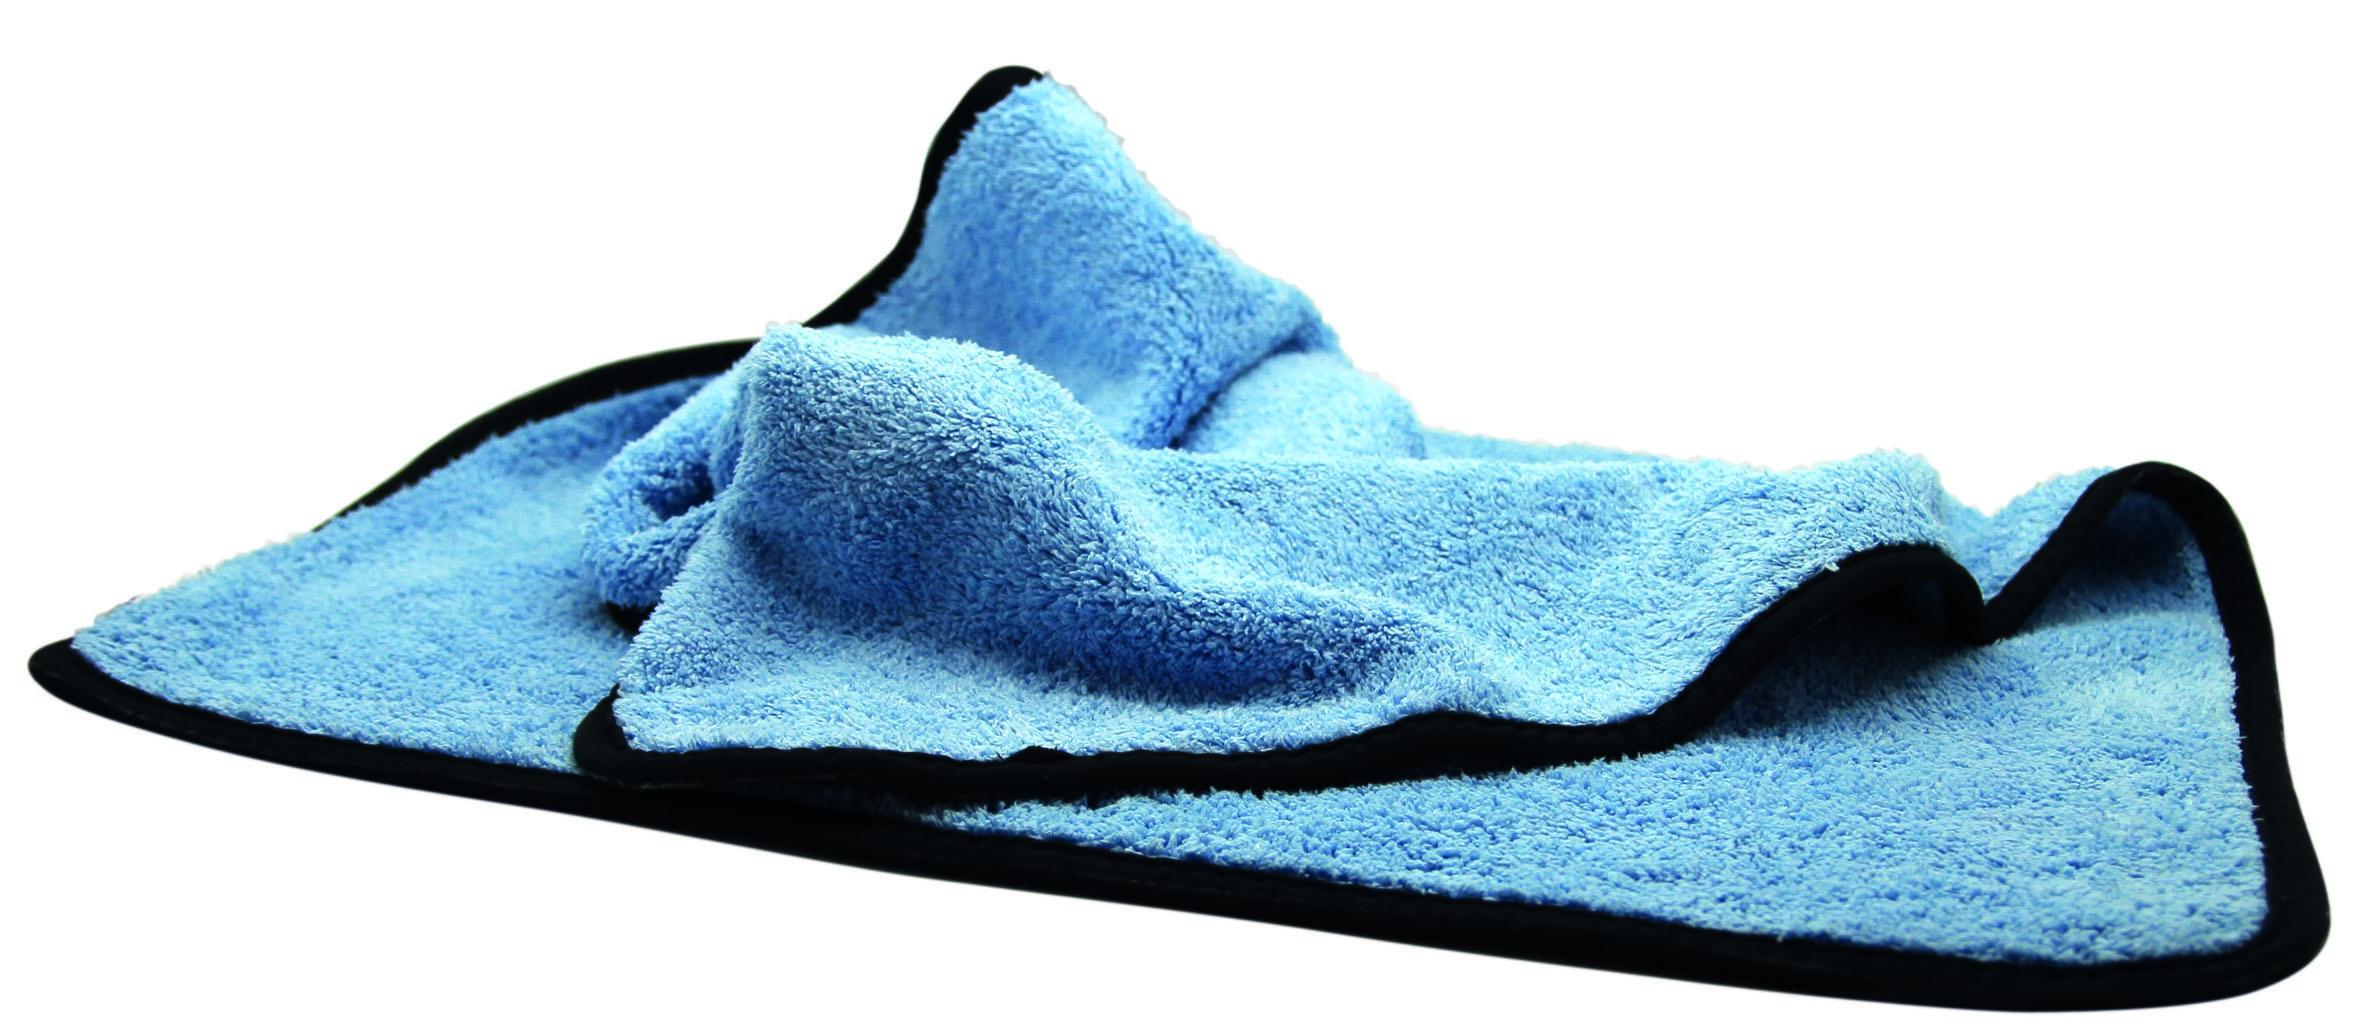 425500_Water-Mag-Towel_fri